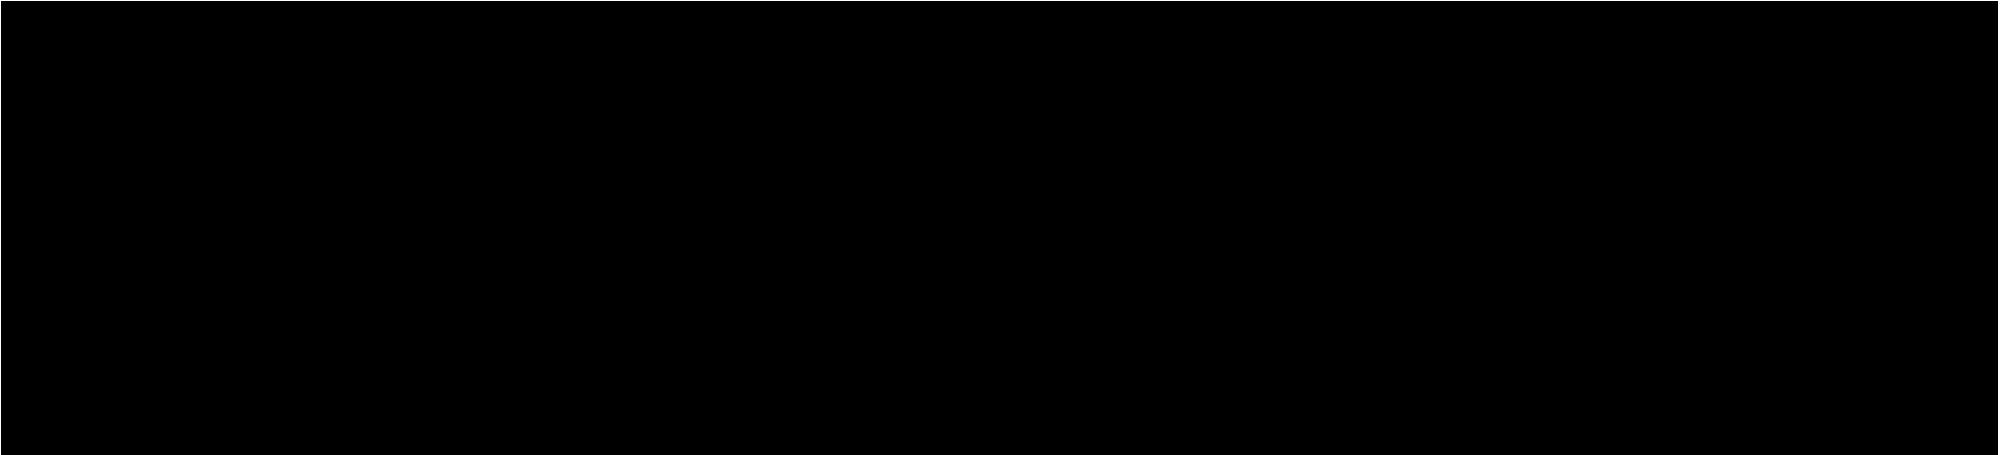 Curiato Inc.